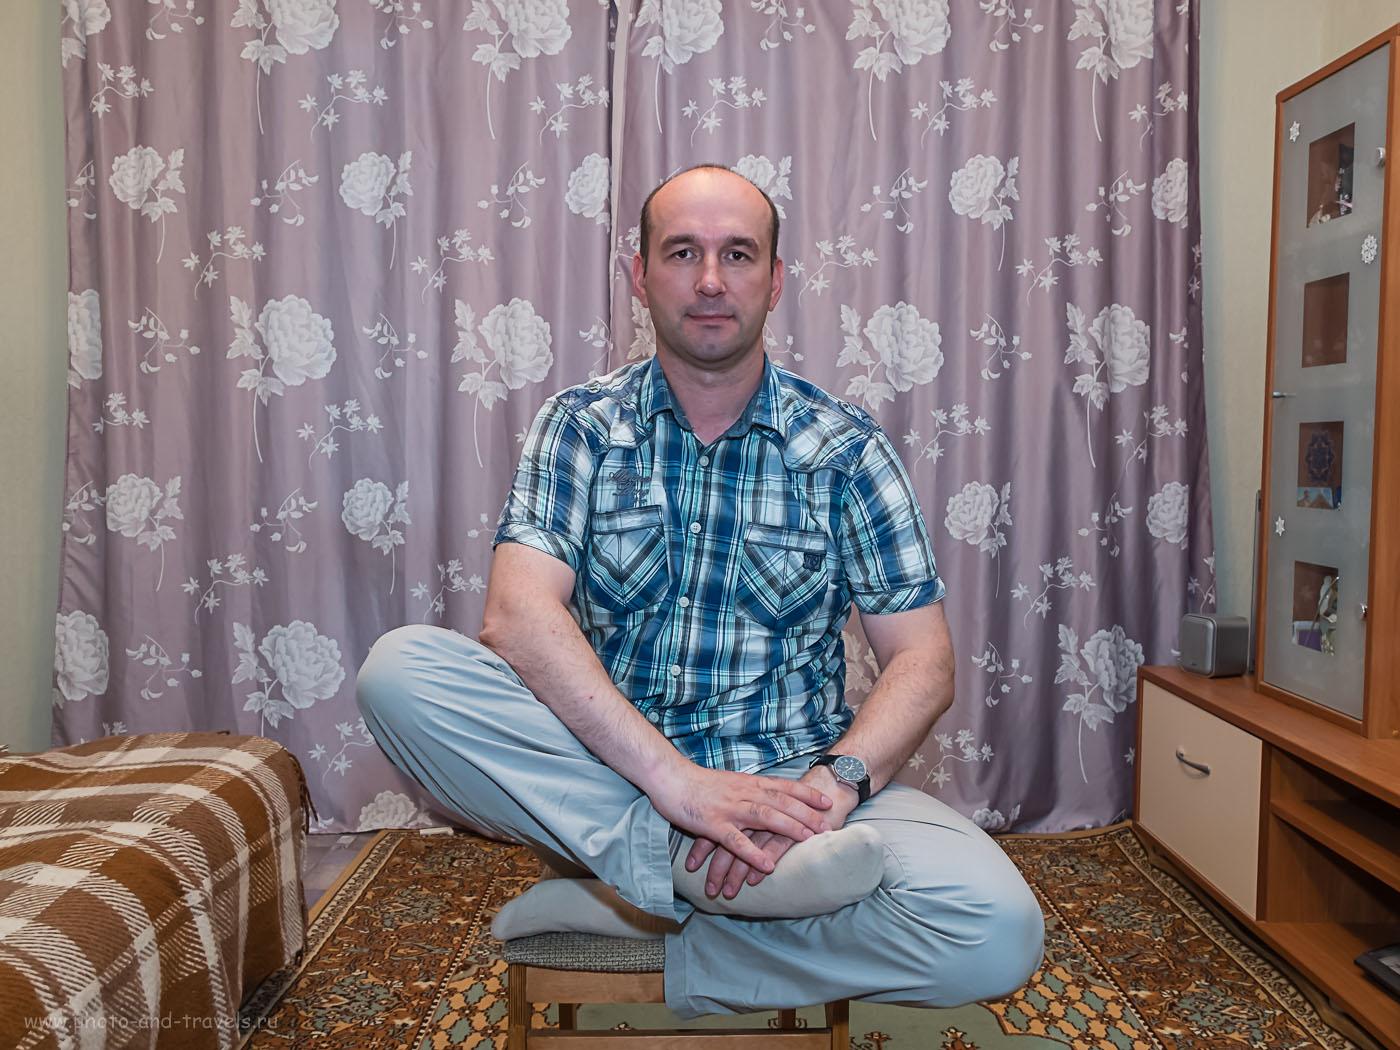 Фотография 30. Примеры съемки портрета на камеру Фуджи Х30 и вспышку Фуджифильм EF-42. Параметры: 1/30, -0.33, 2.5, 200, 7.9.